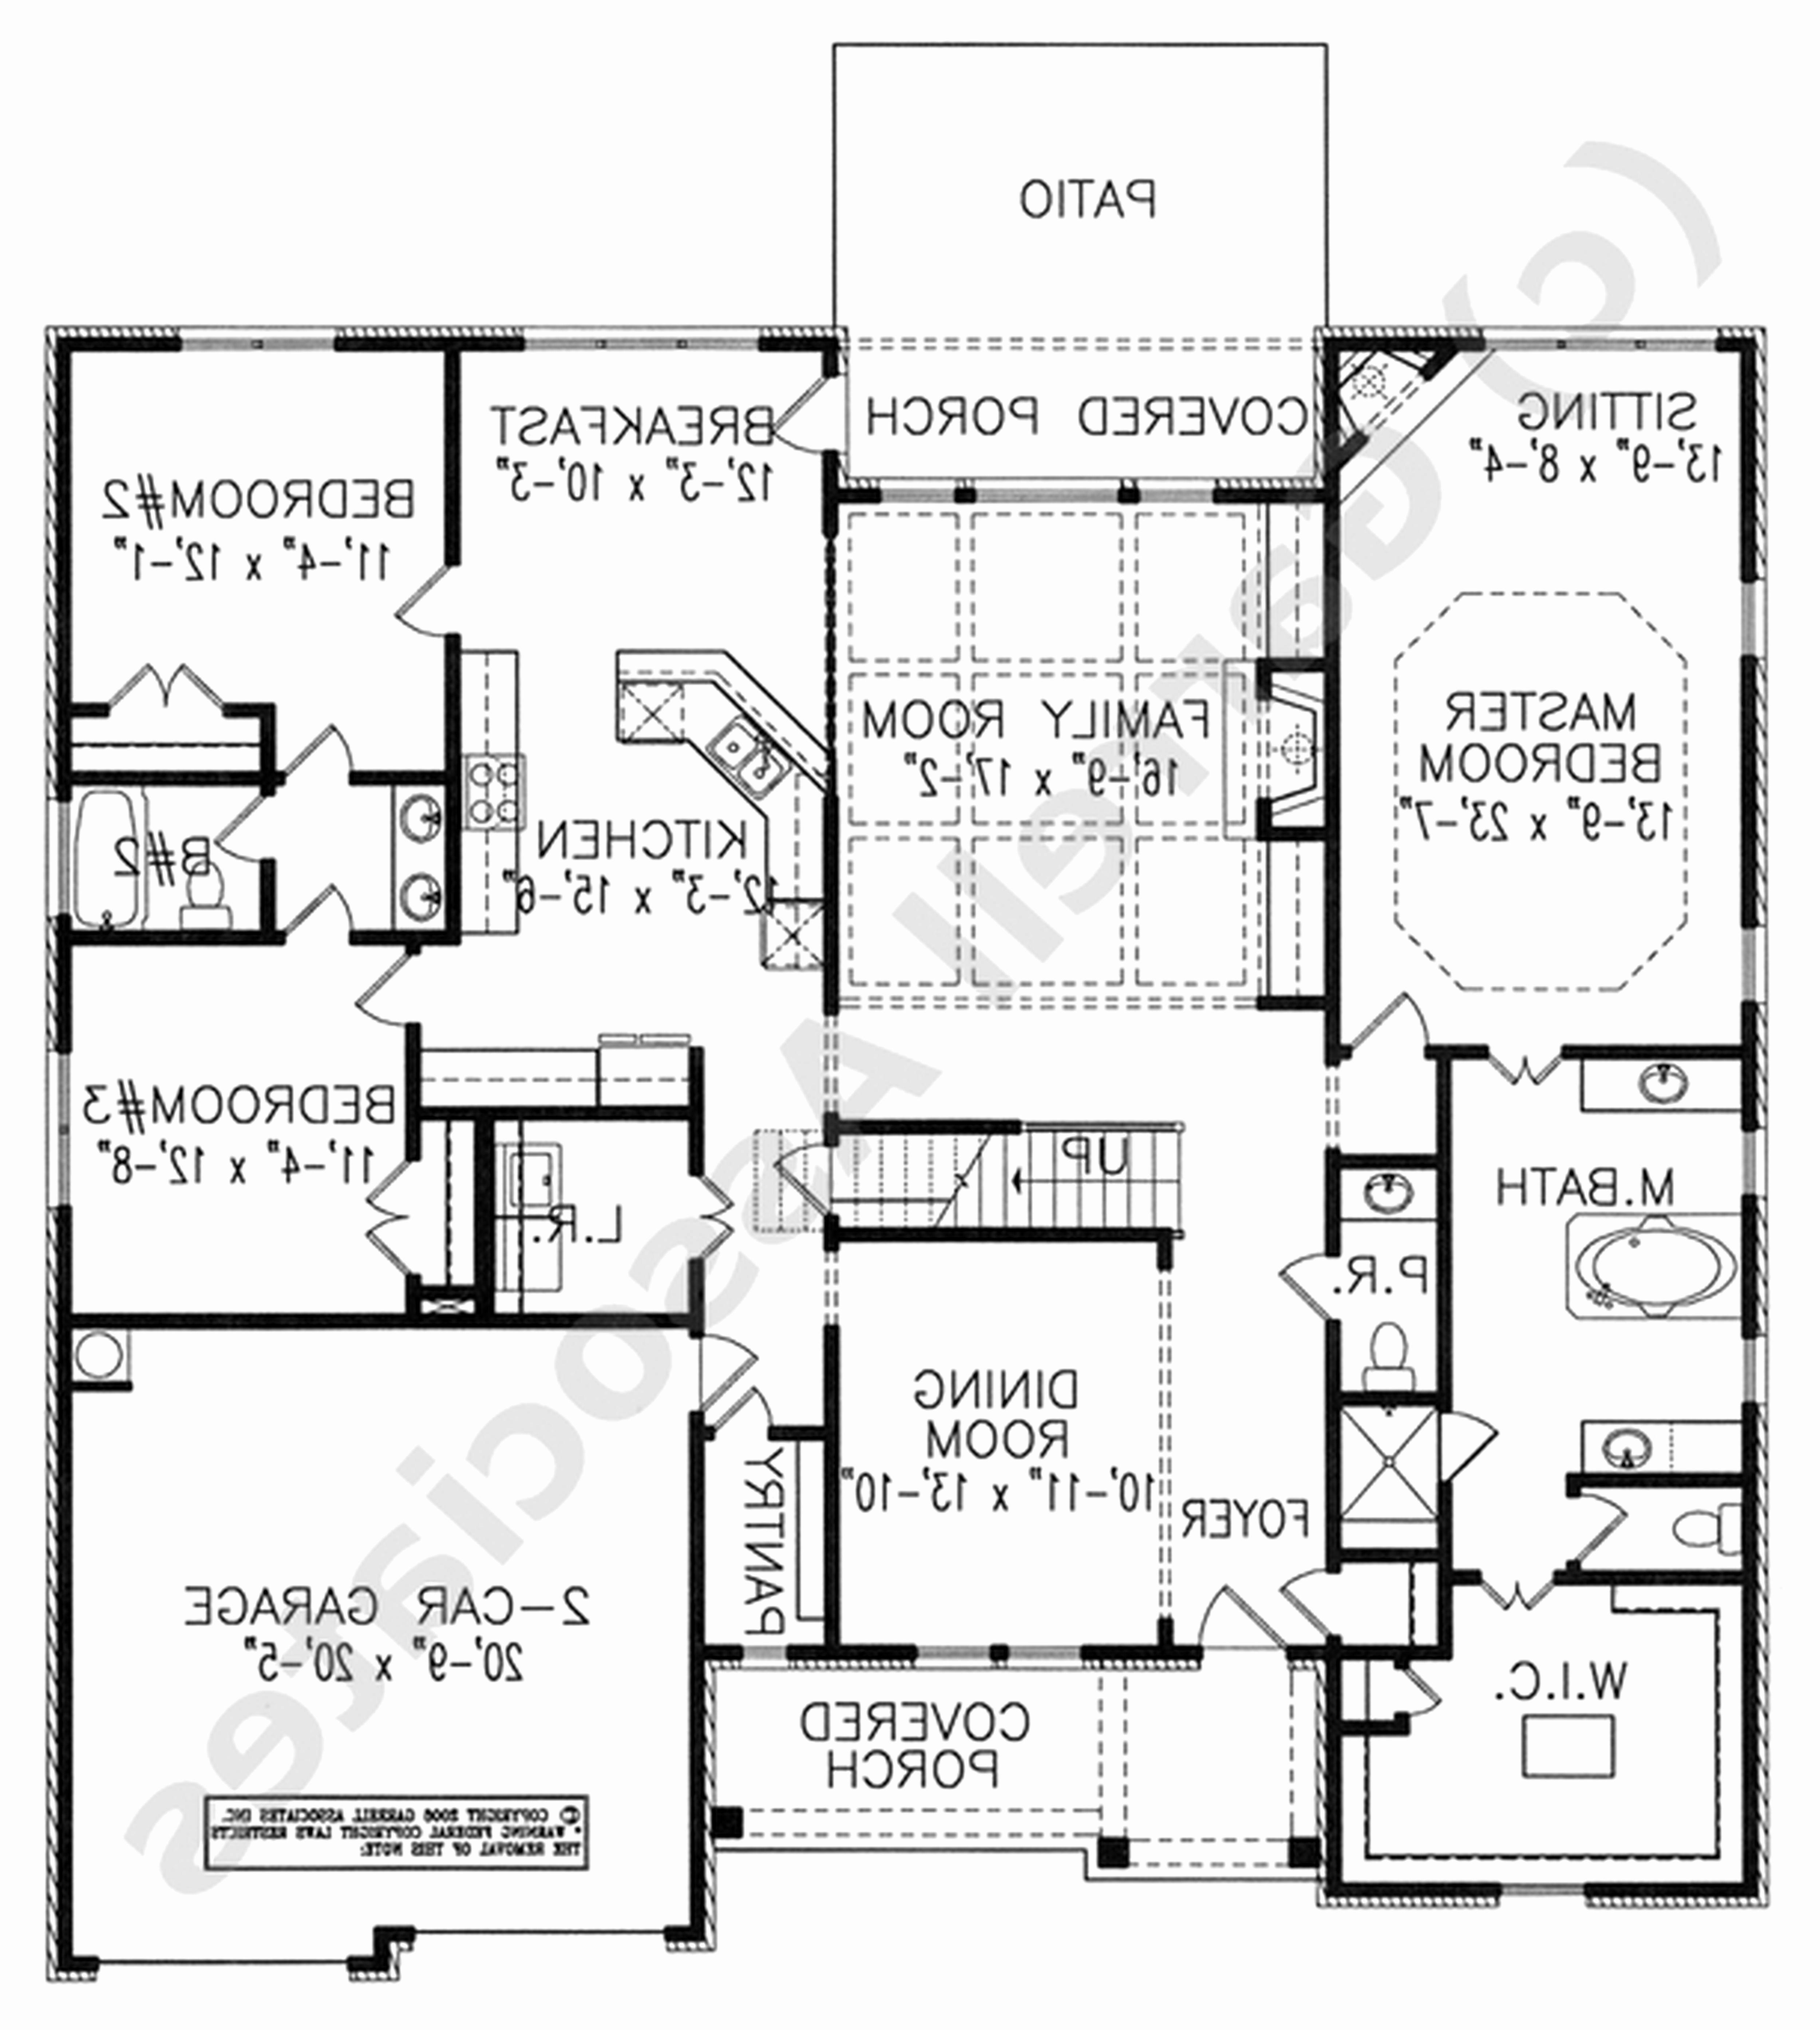 5000x5578 restaurant floor plan maker best of cafe and restaurant floor